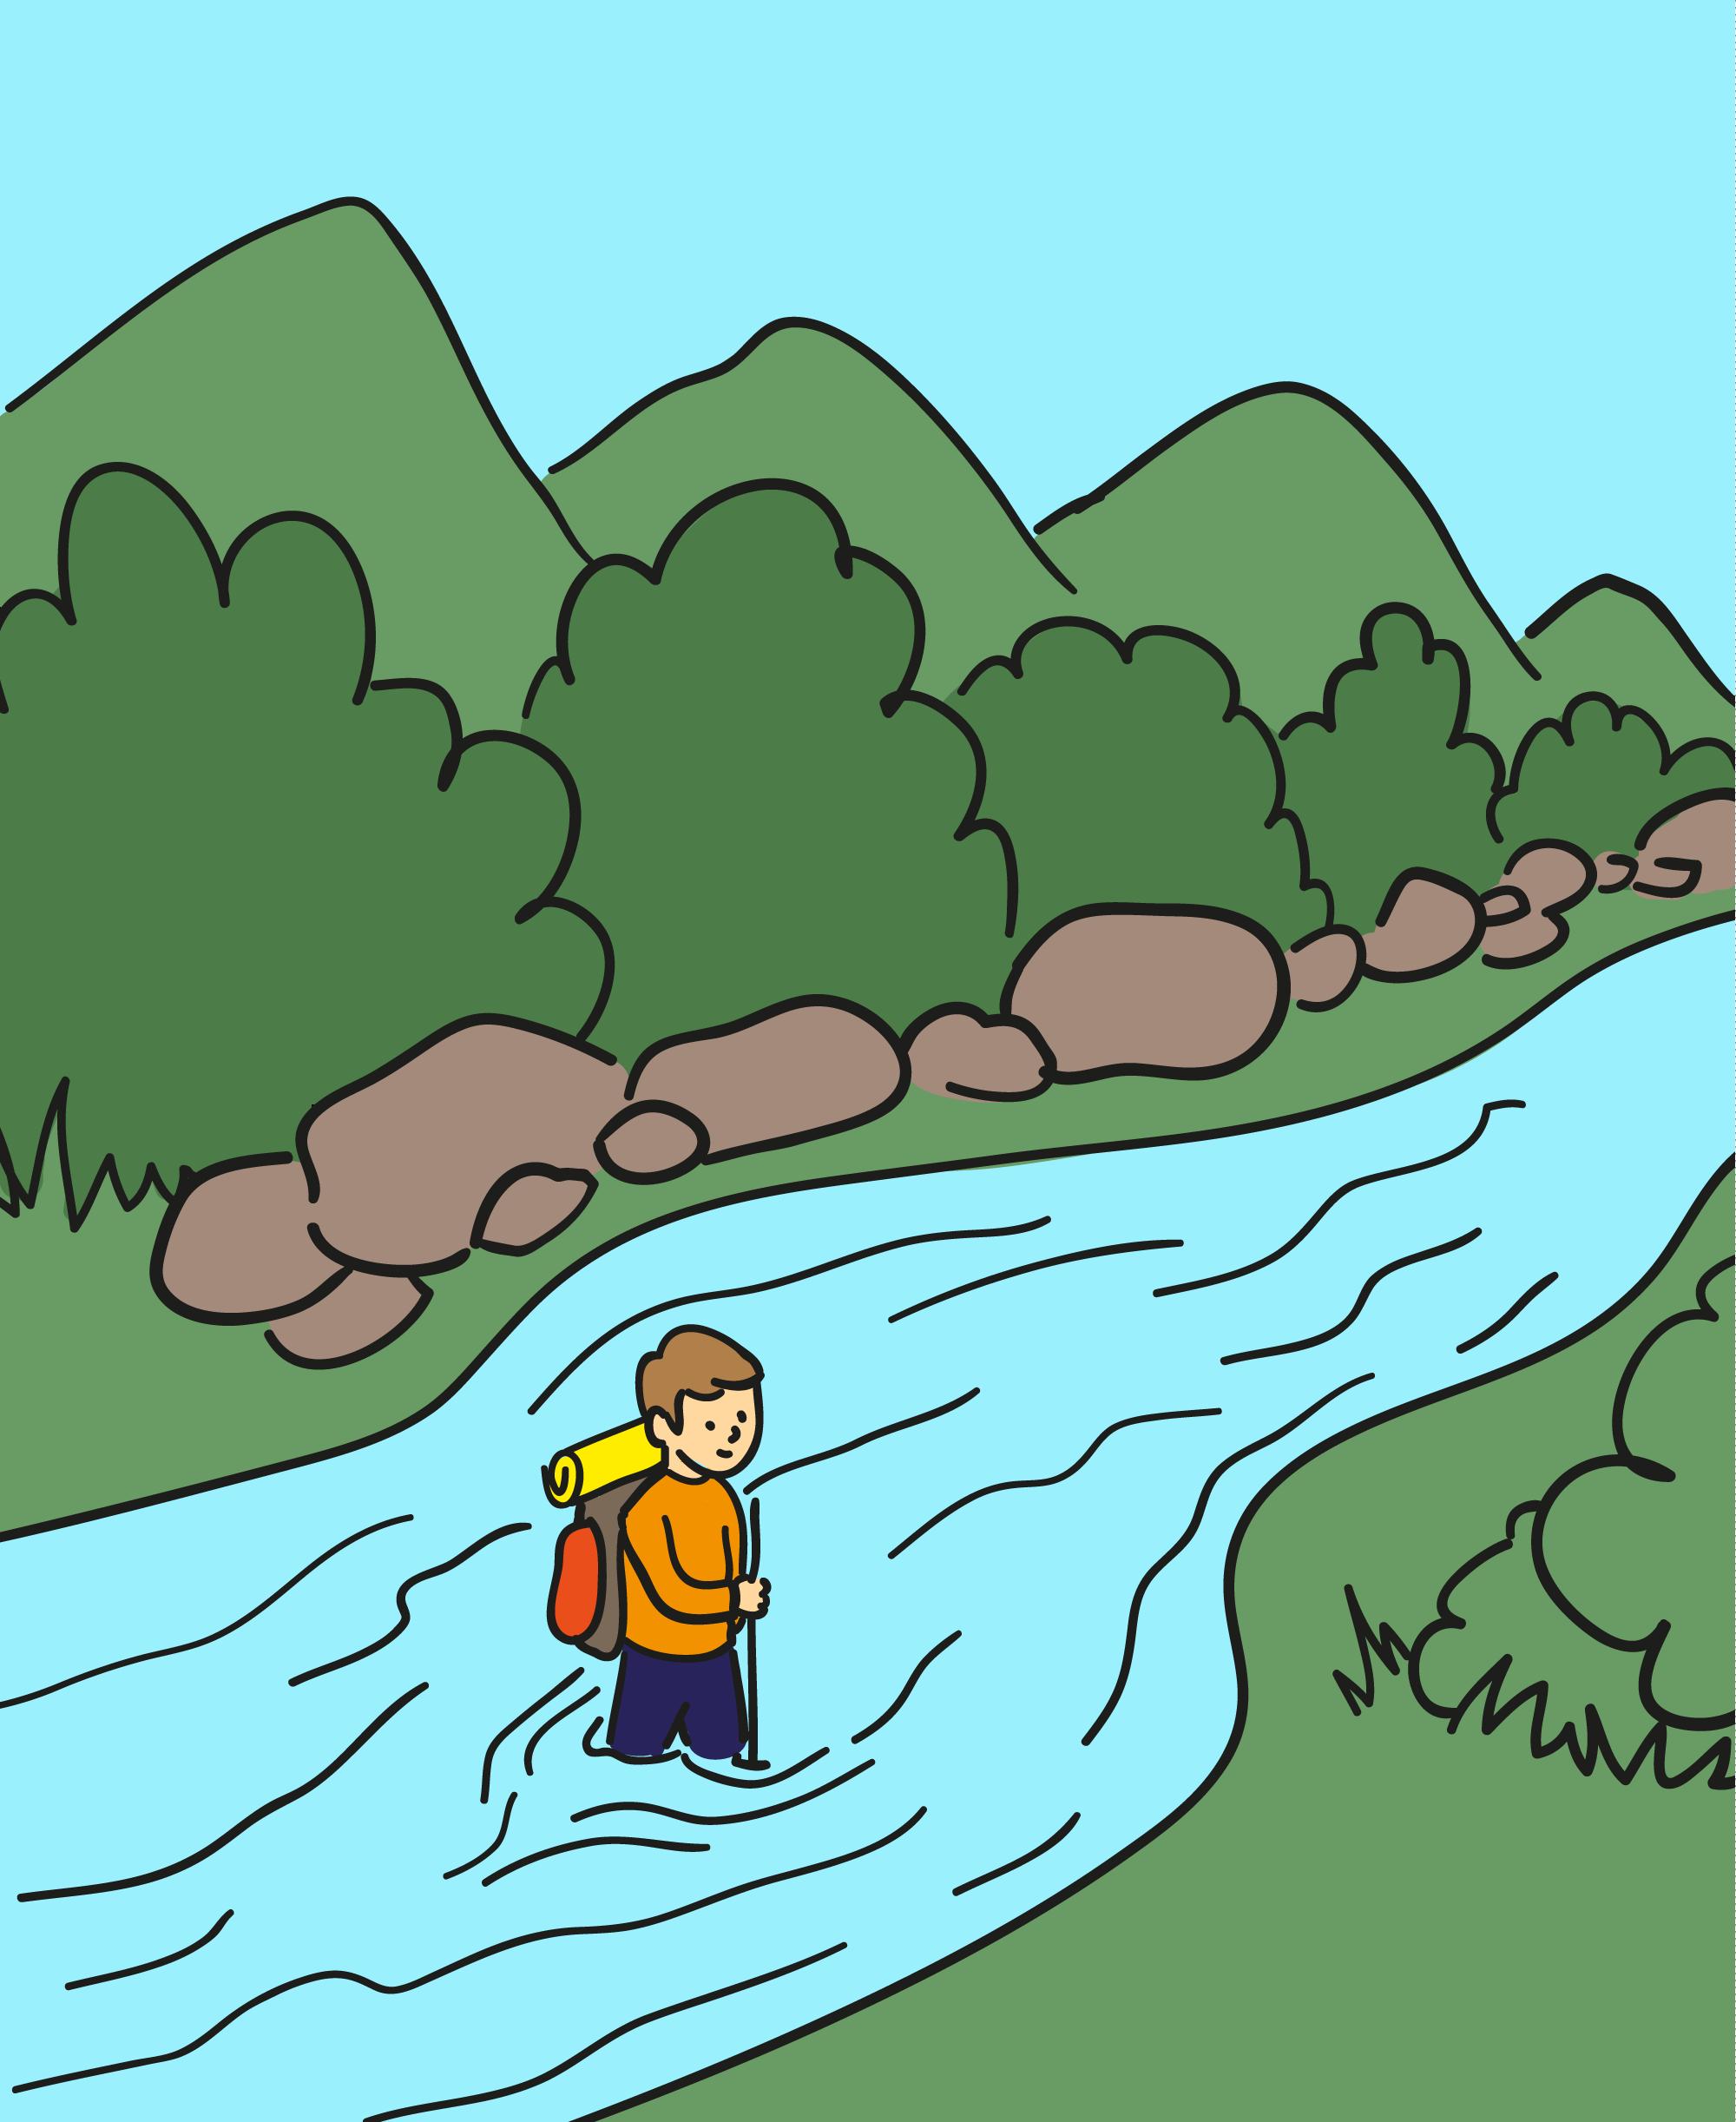 Kryds vand på en sikker måde